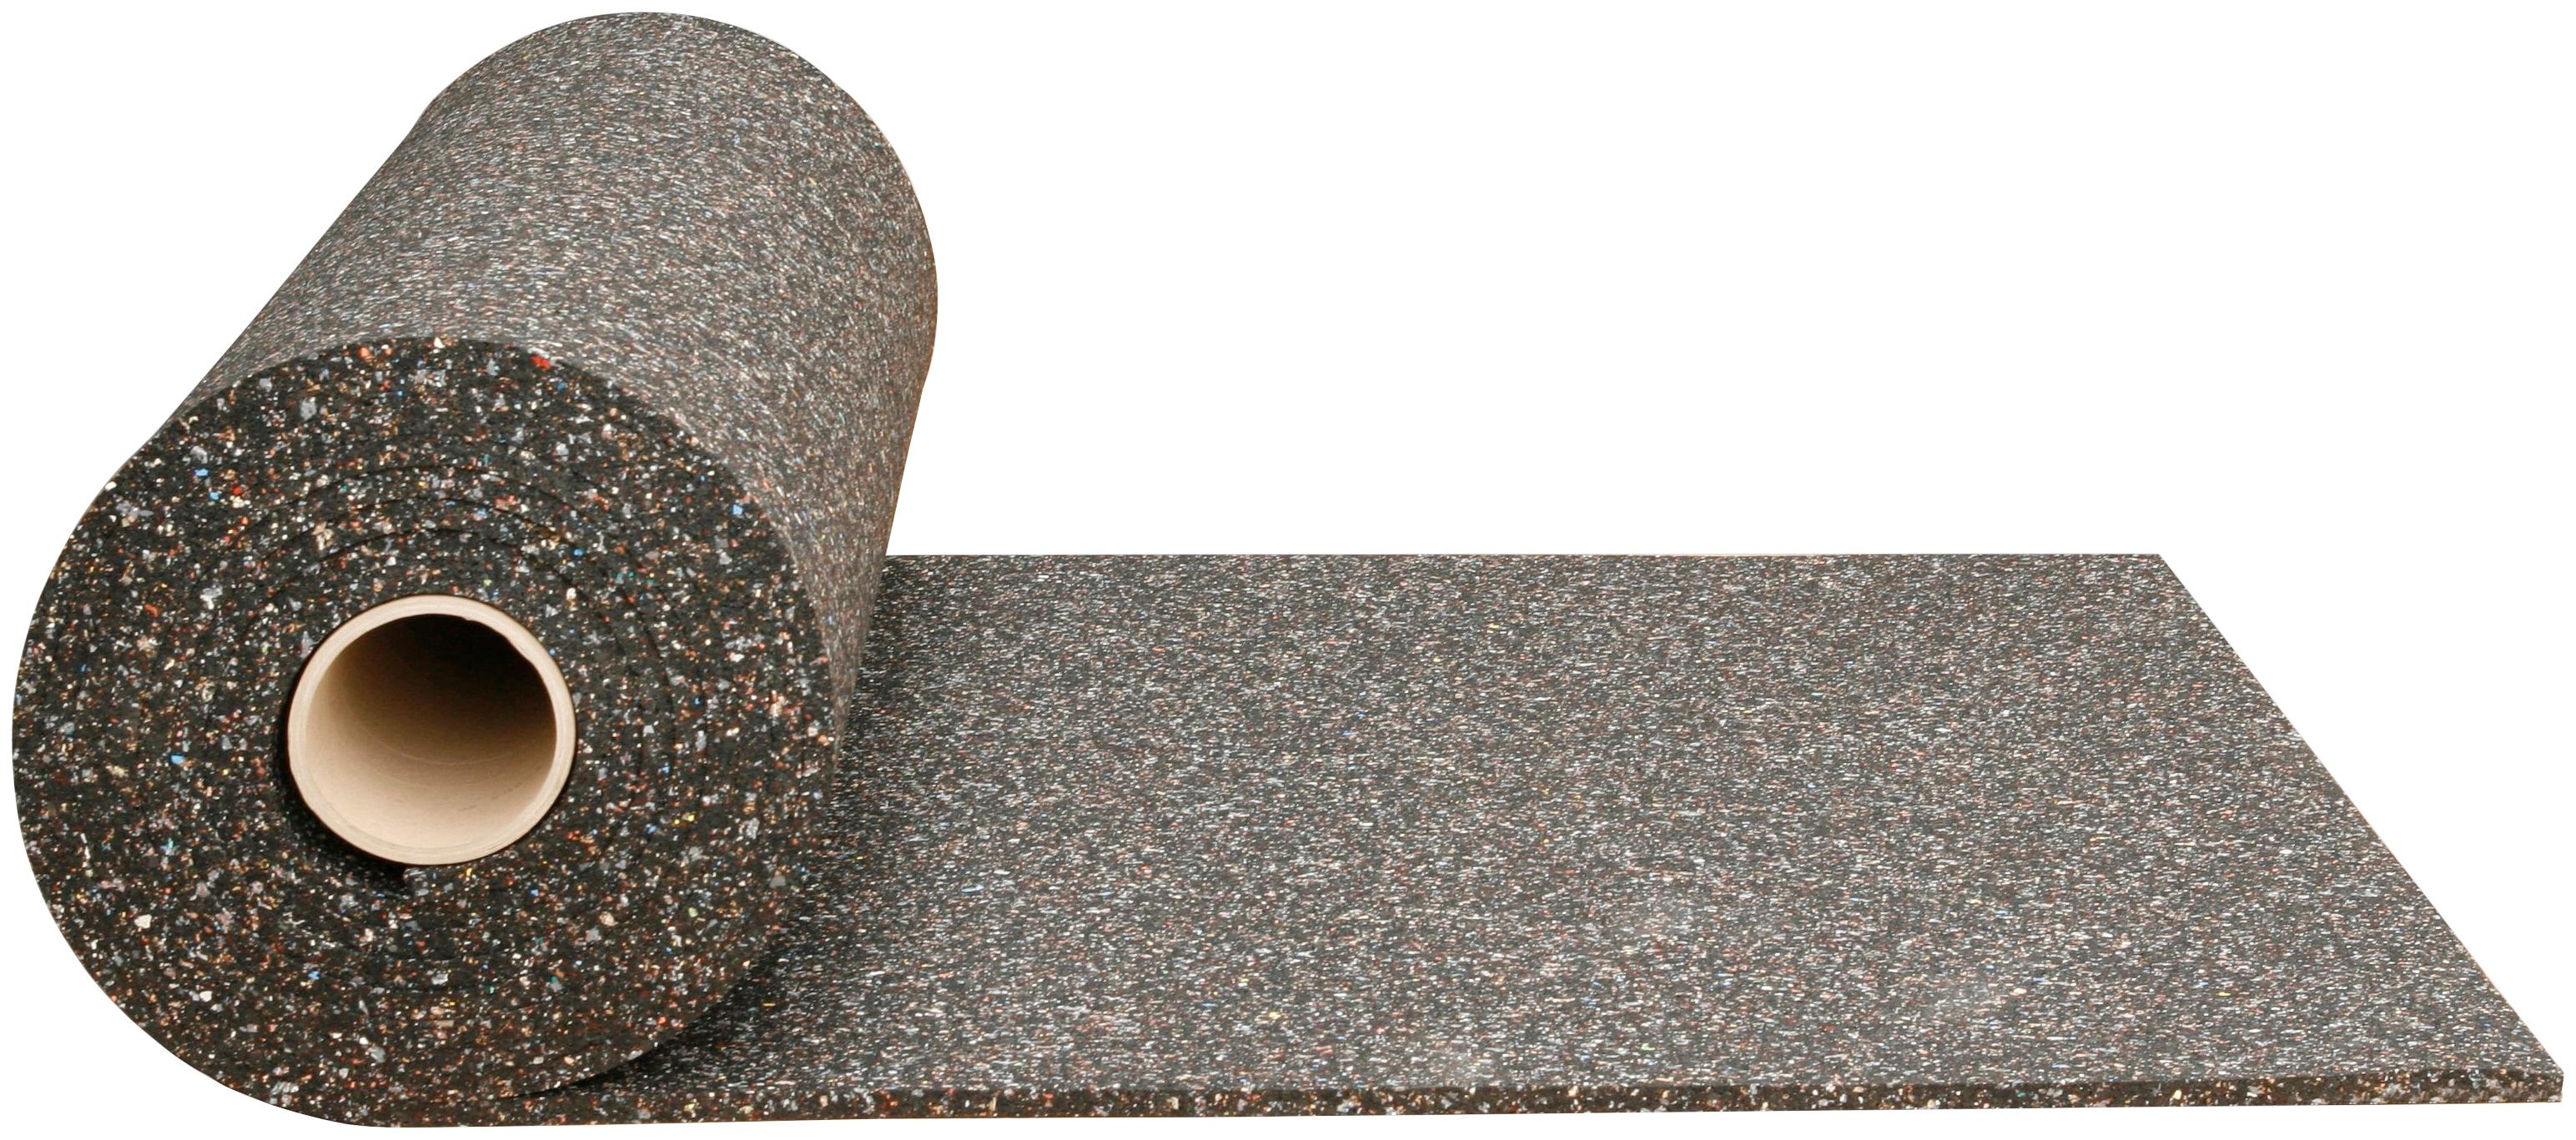 SZ METALL Gummimatte, zur Dämpfung, 200x125 cm (LxB) schwarz Gummimatte Metall